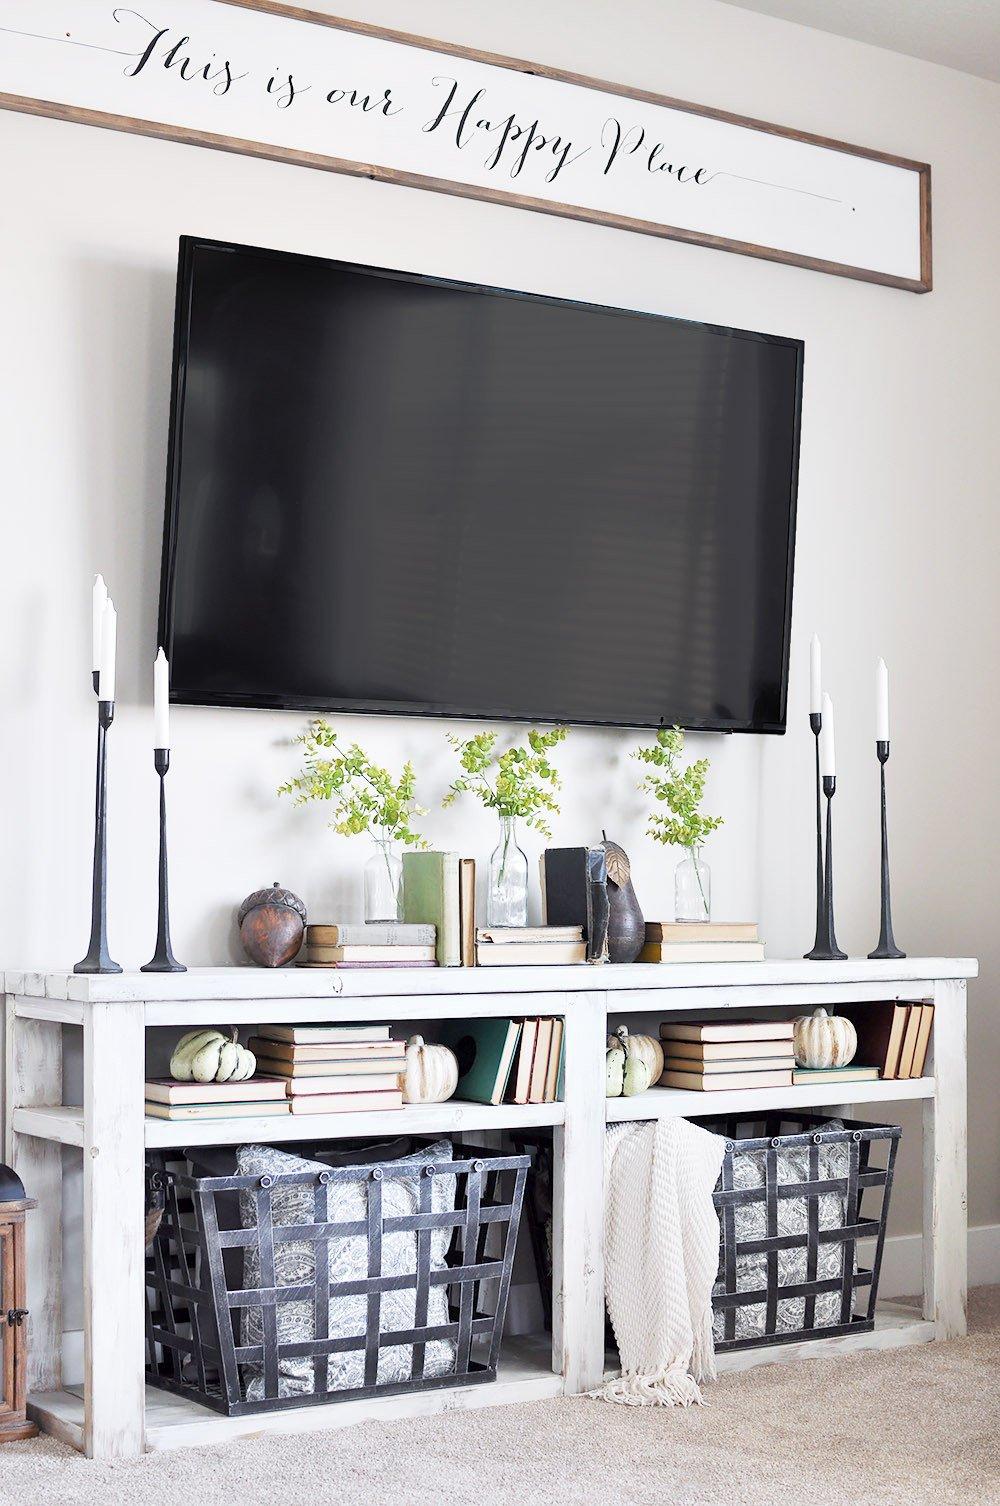 Farmhouse Tv Stand Design Ideas and Decor What's New In Fixer Upper Farmhouse Home Decor Volume 30